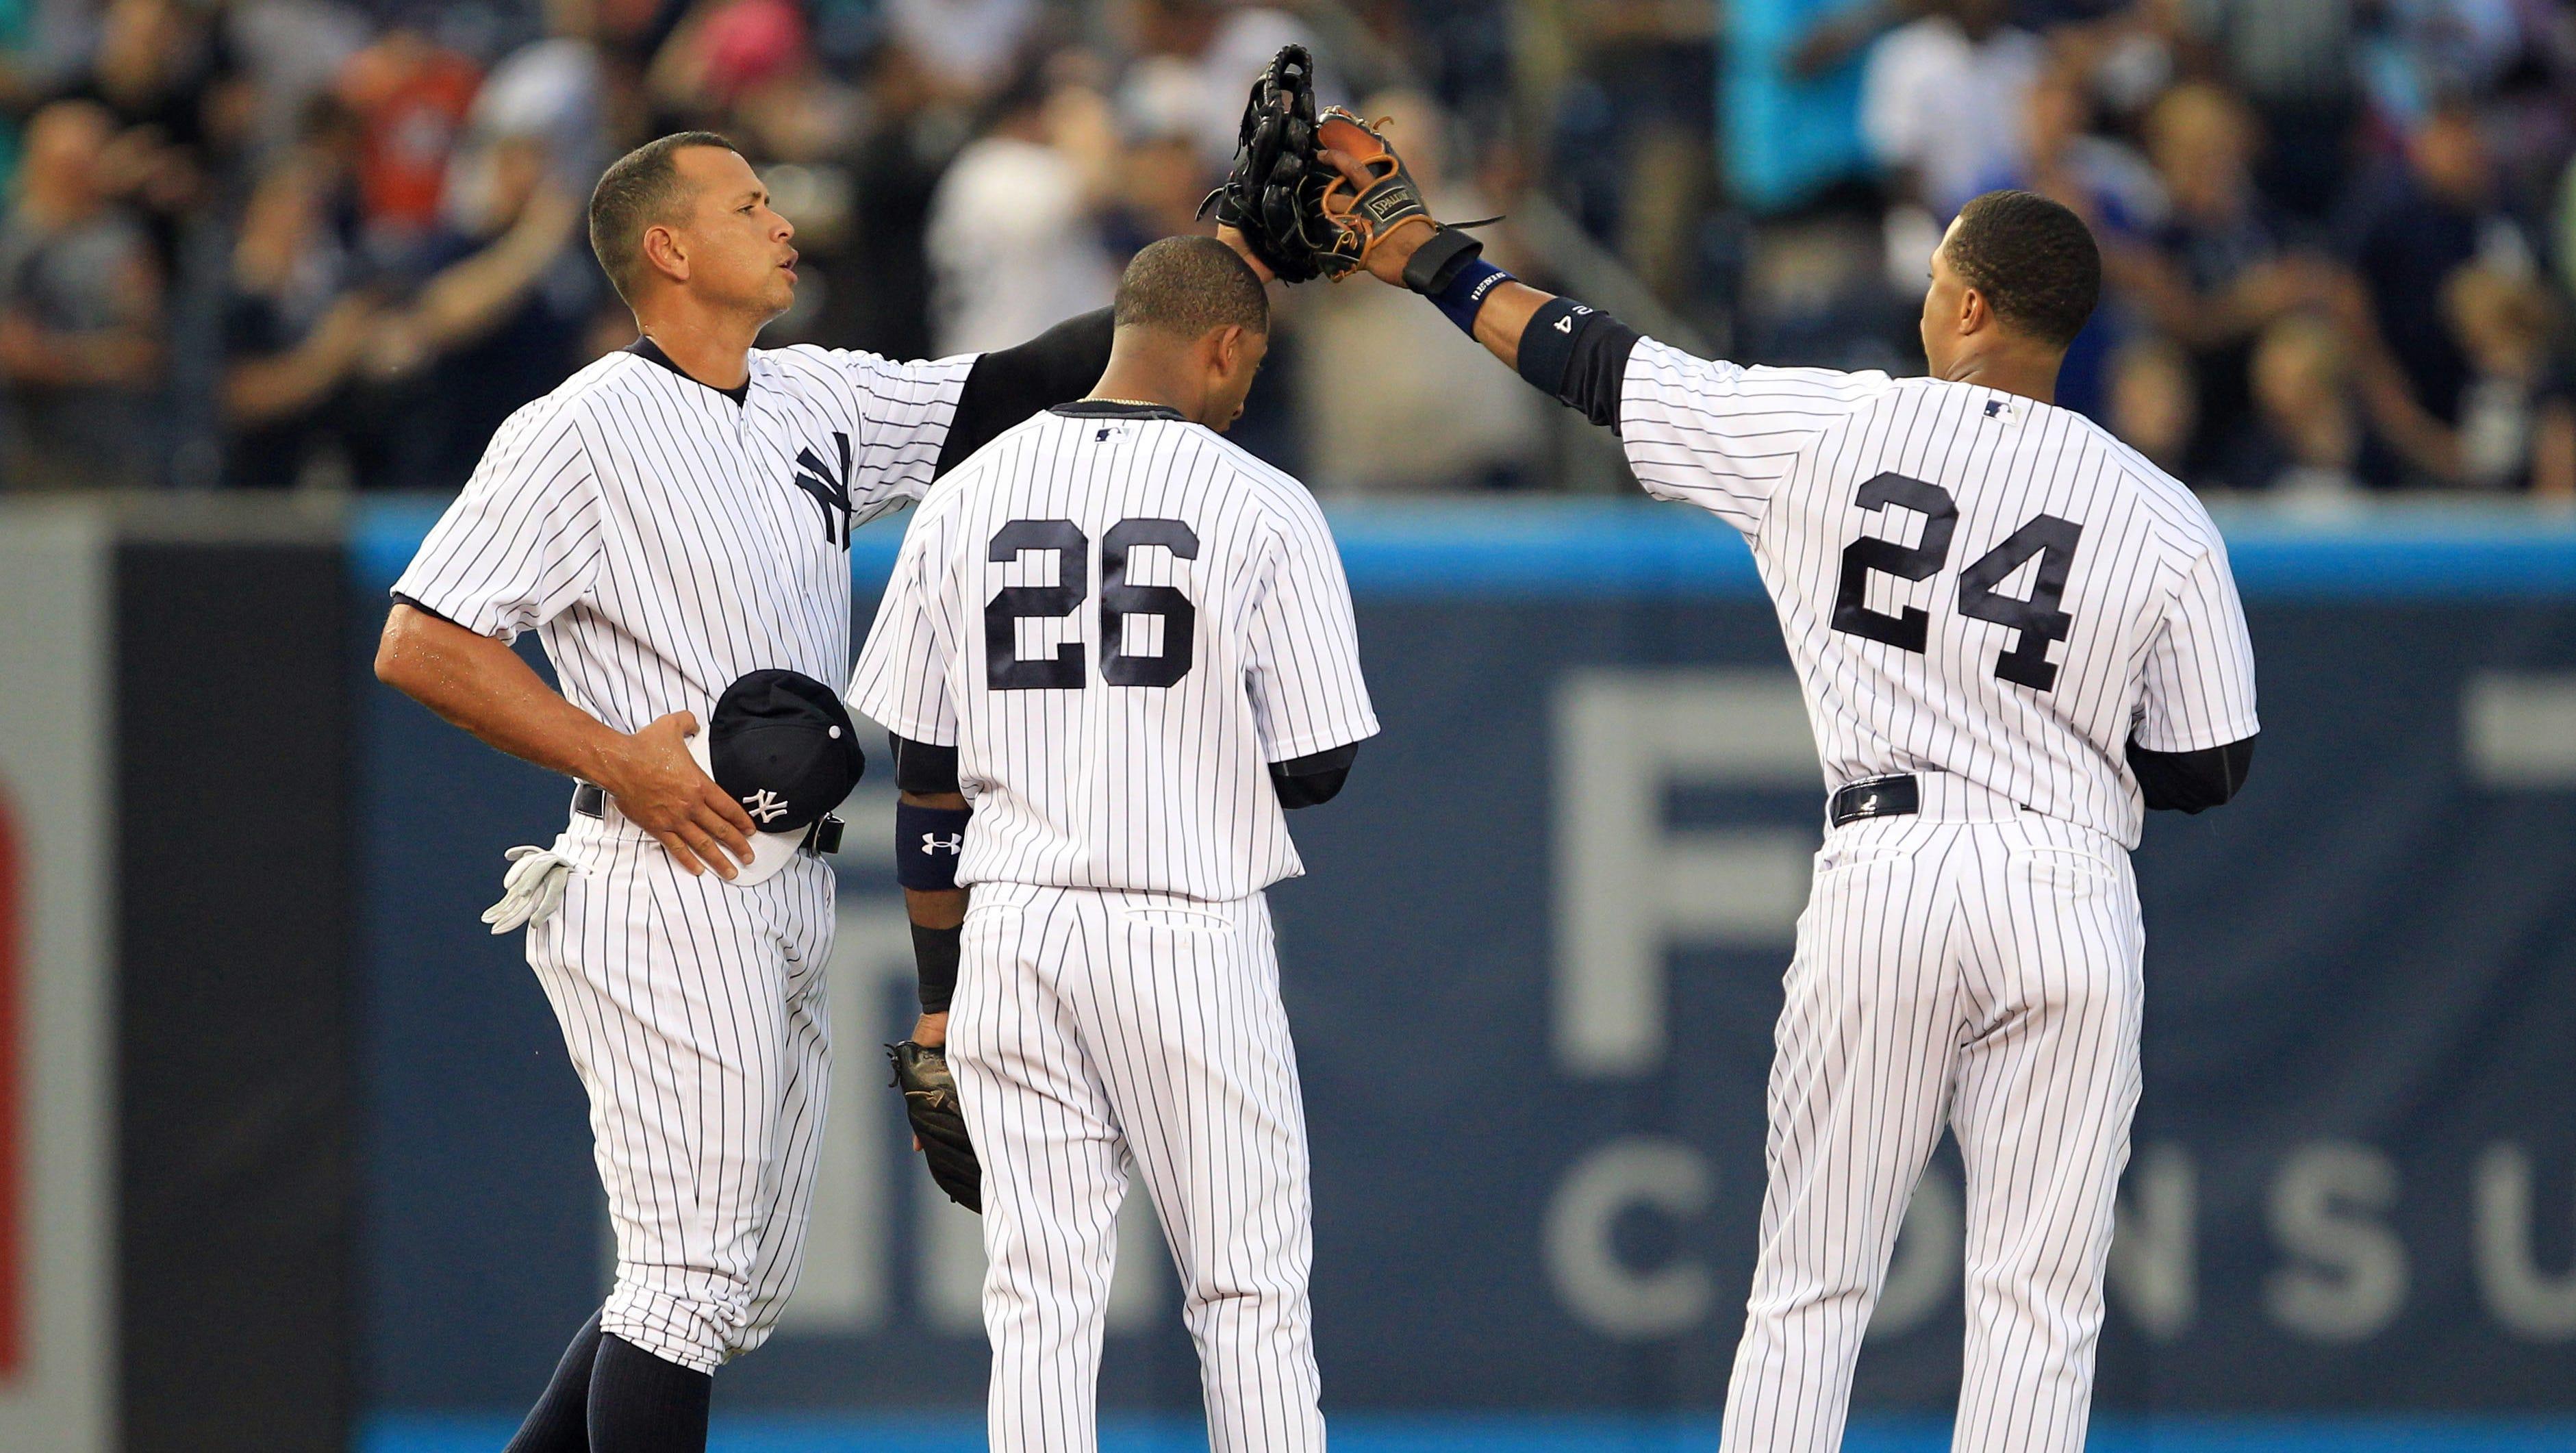 Alex Rodriguez, Eduardo Nunez and Robinson Cano high five after the National Anthem.